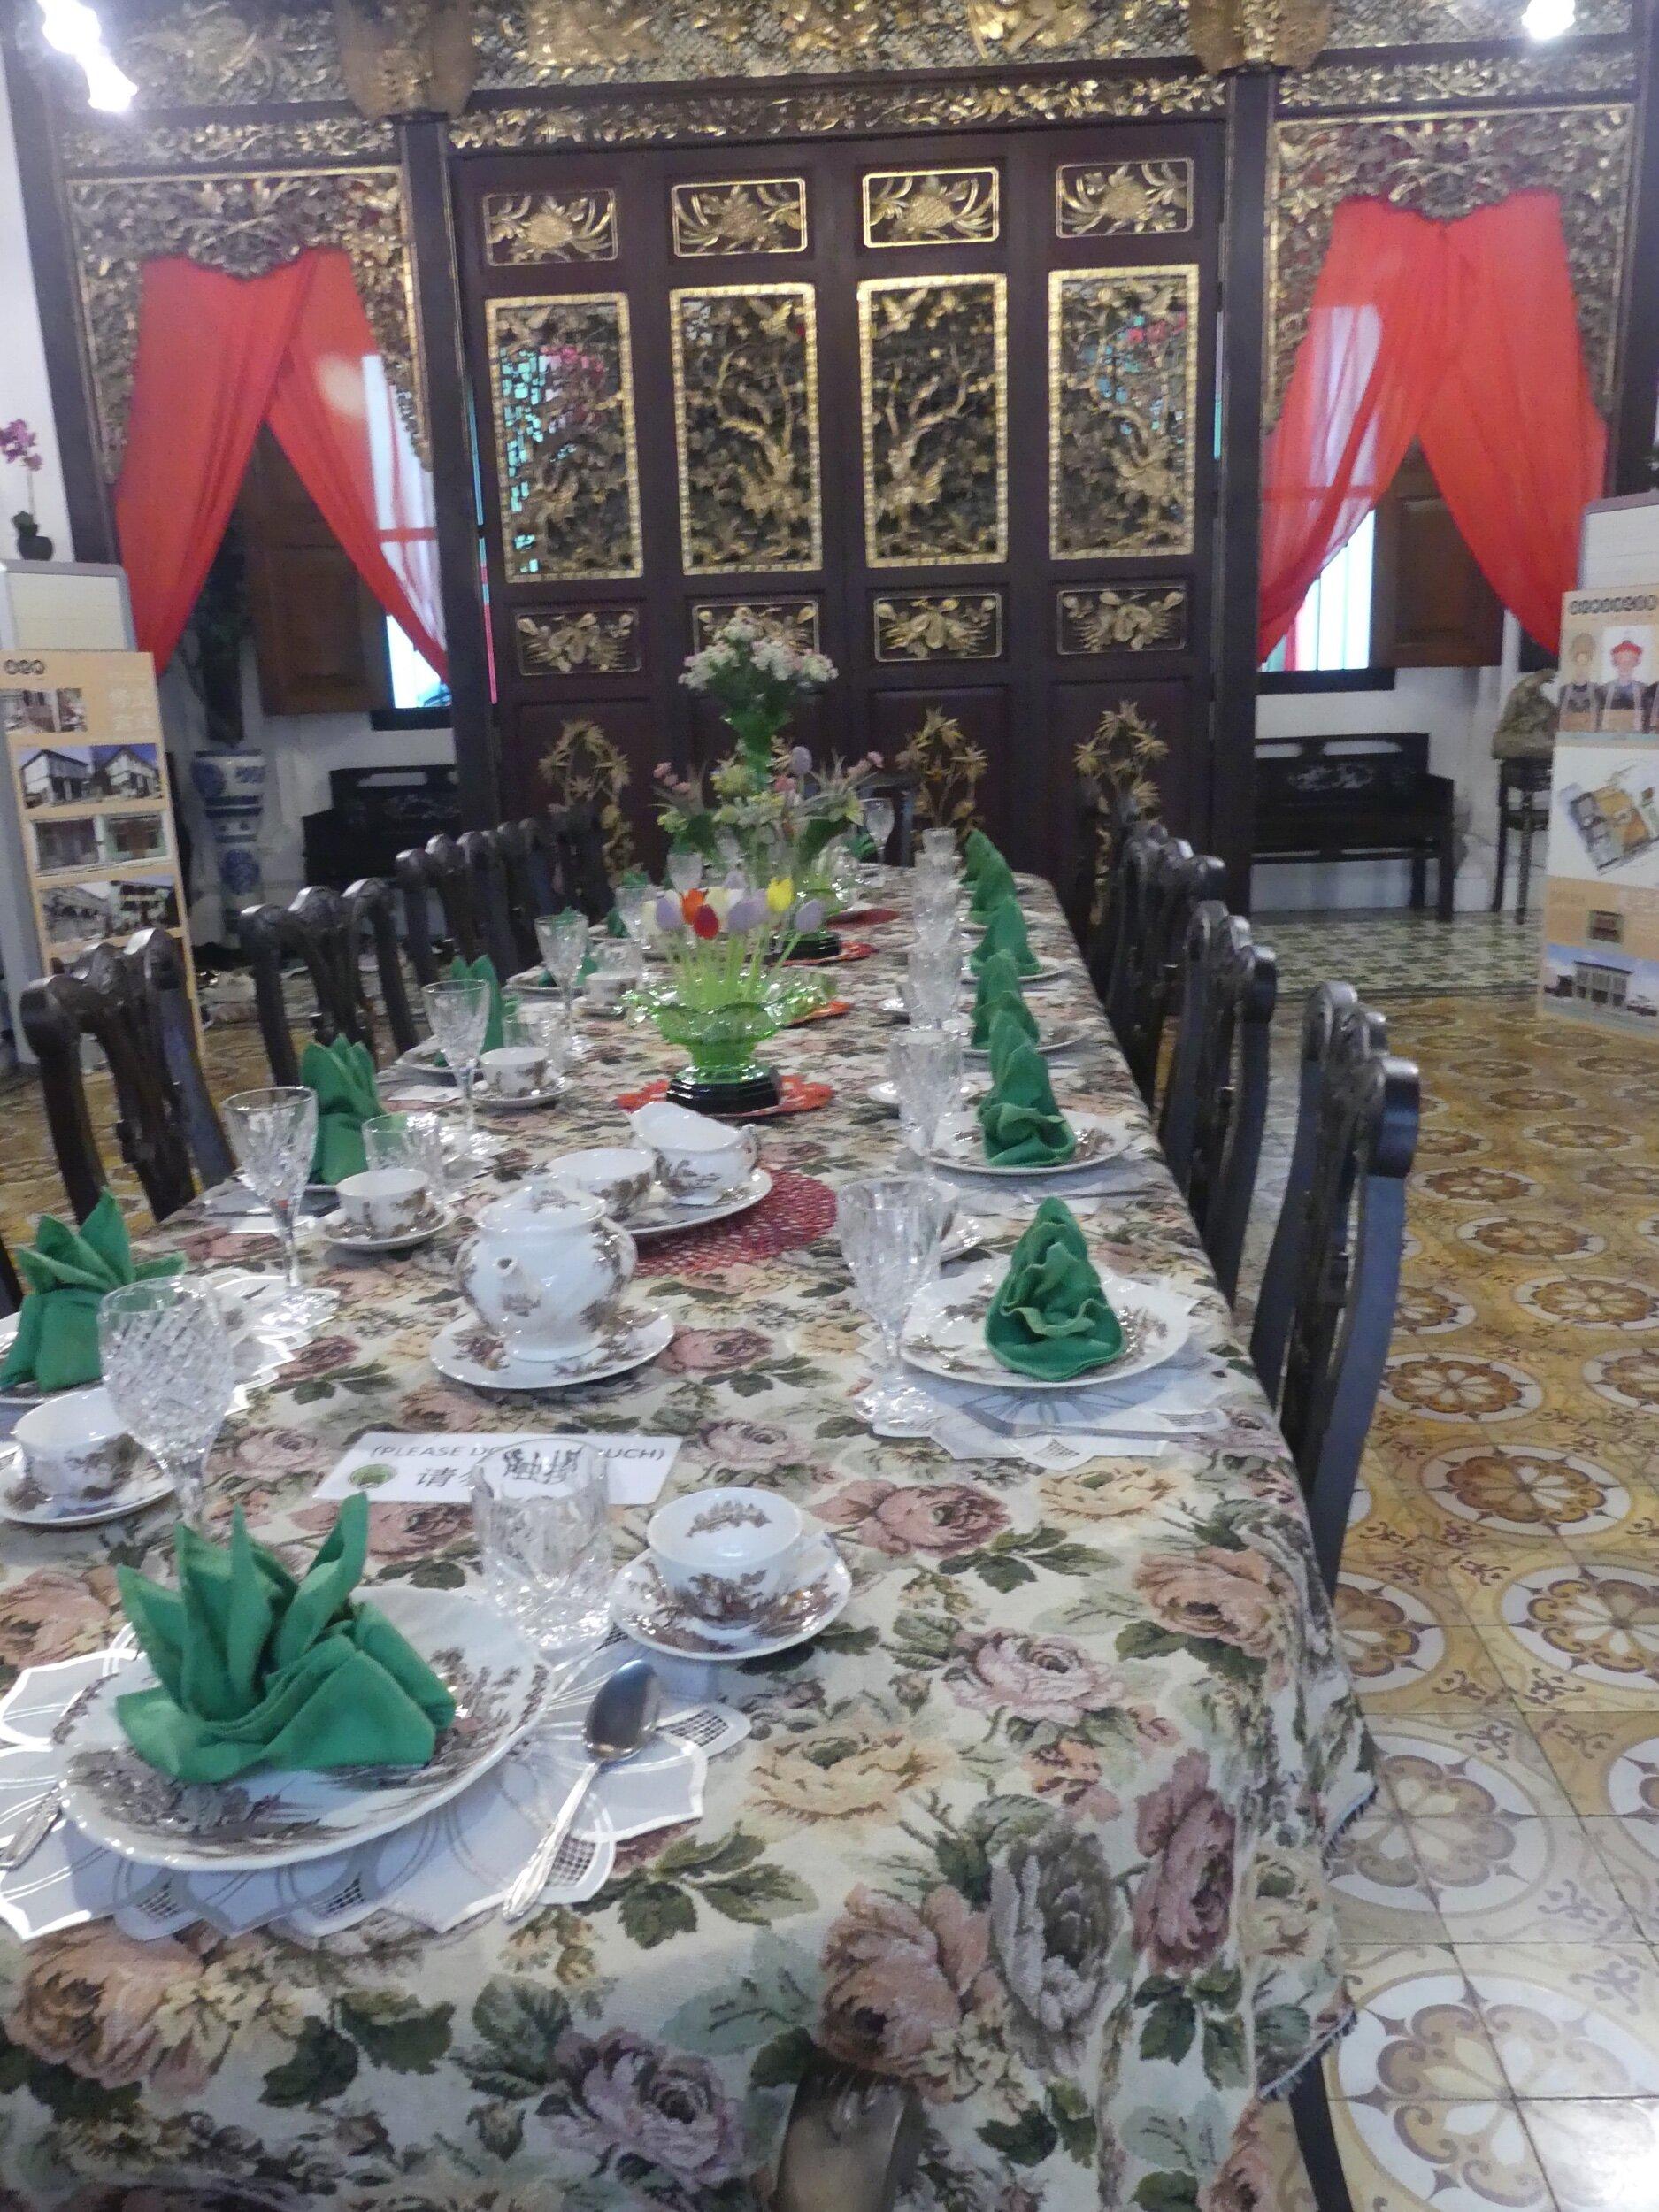 Formal dining room, Penang peranakan museum